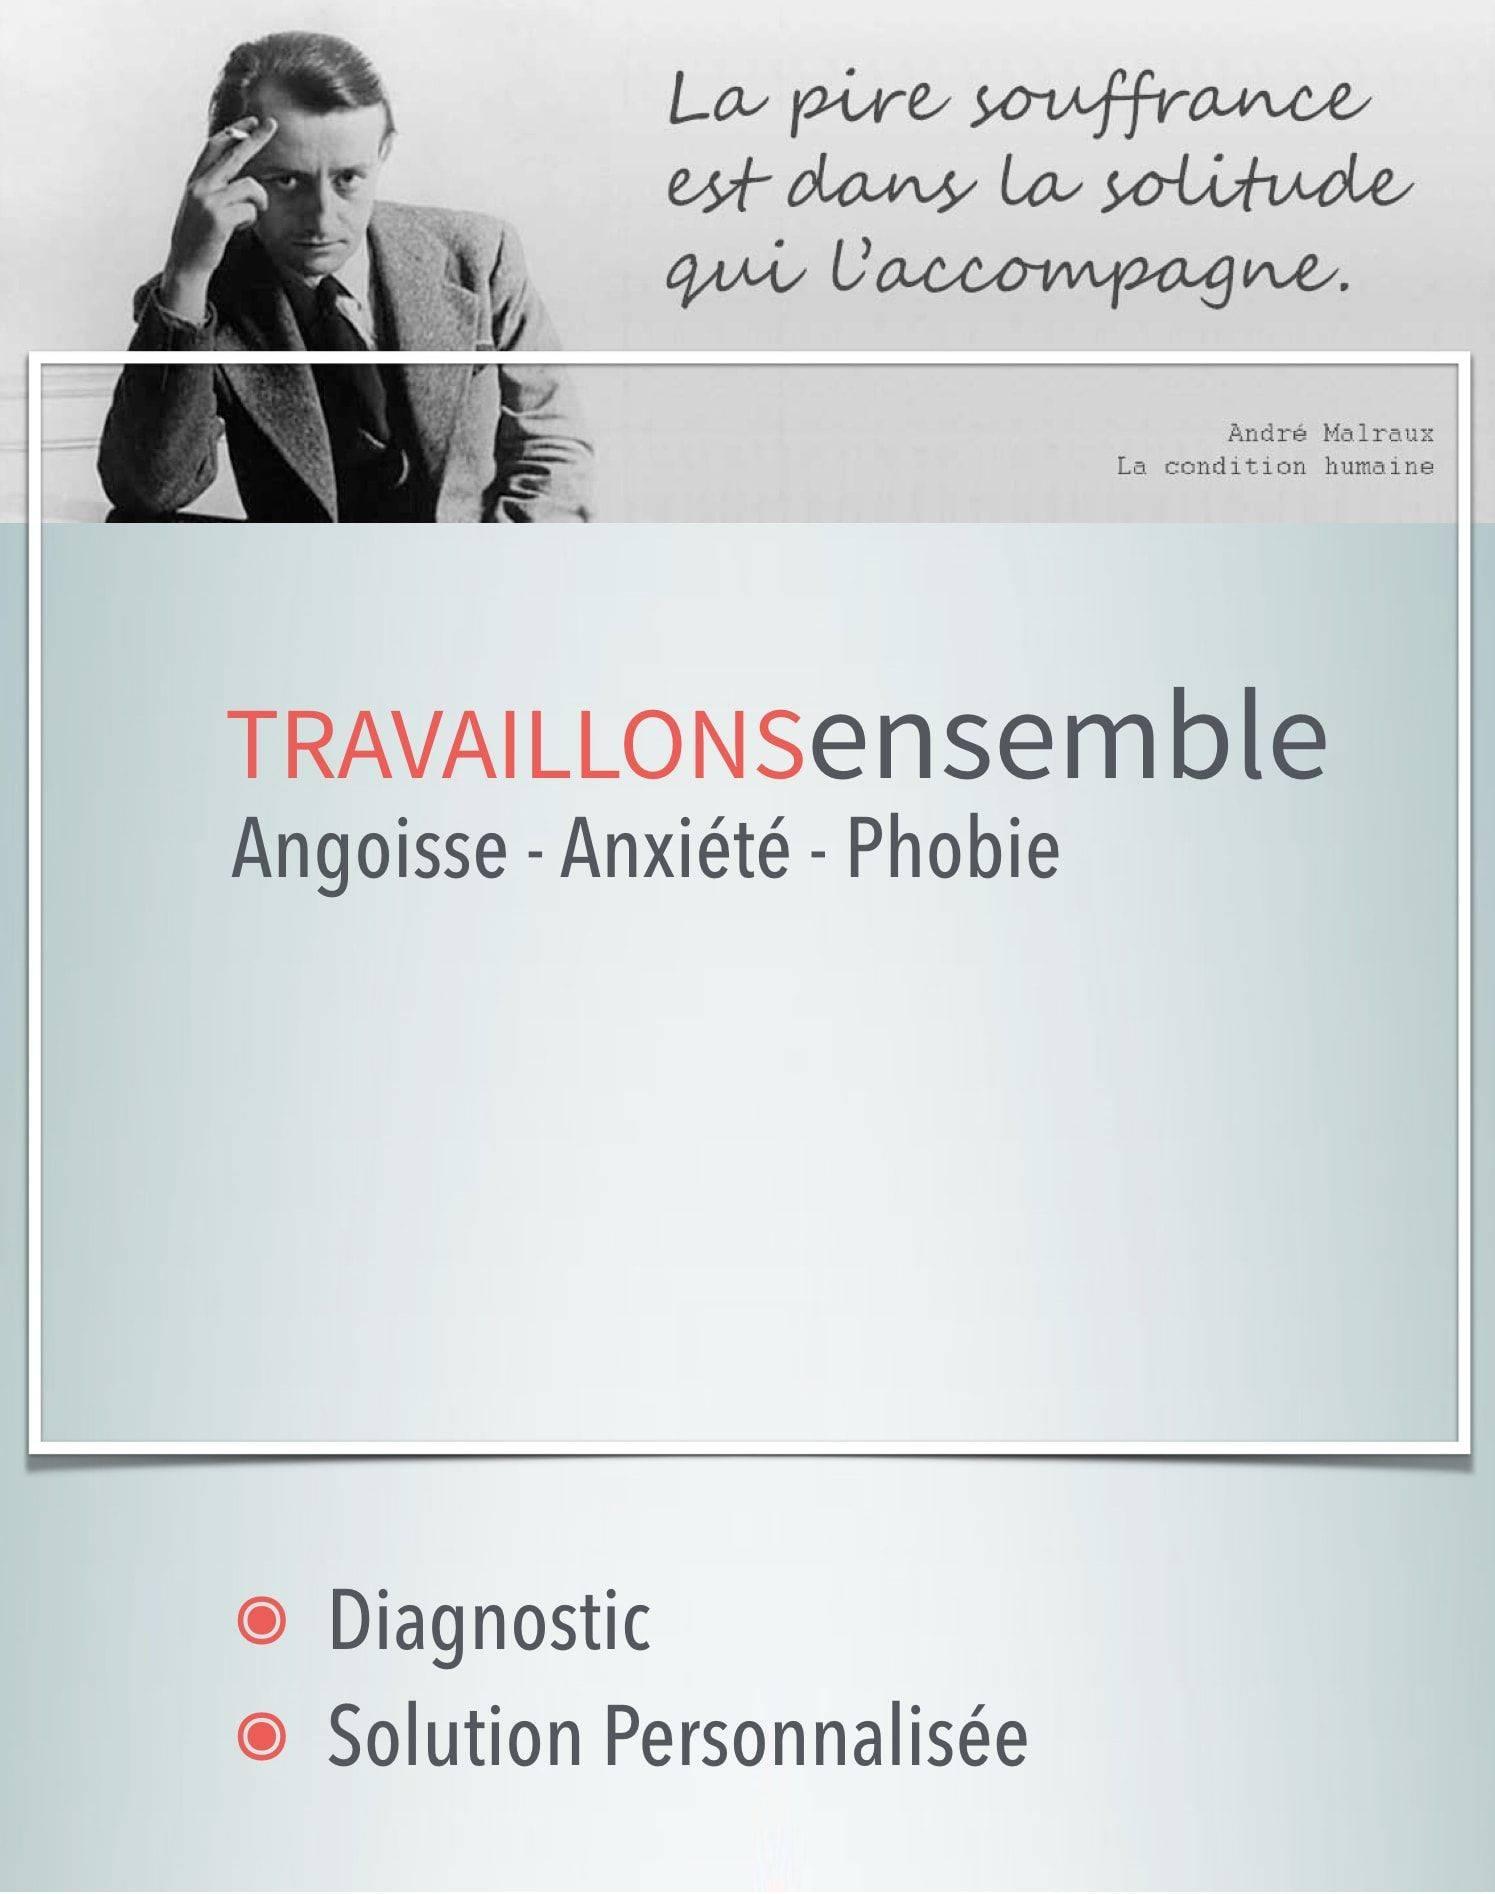 diagnostic-solution-angoisse-anxiete-phobie.jpeg